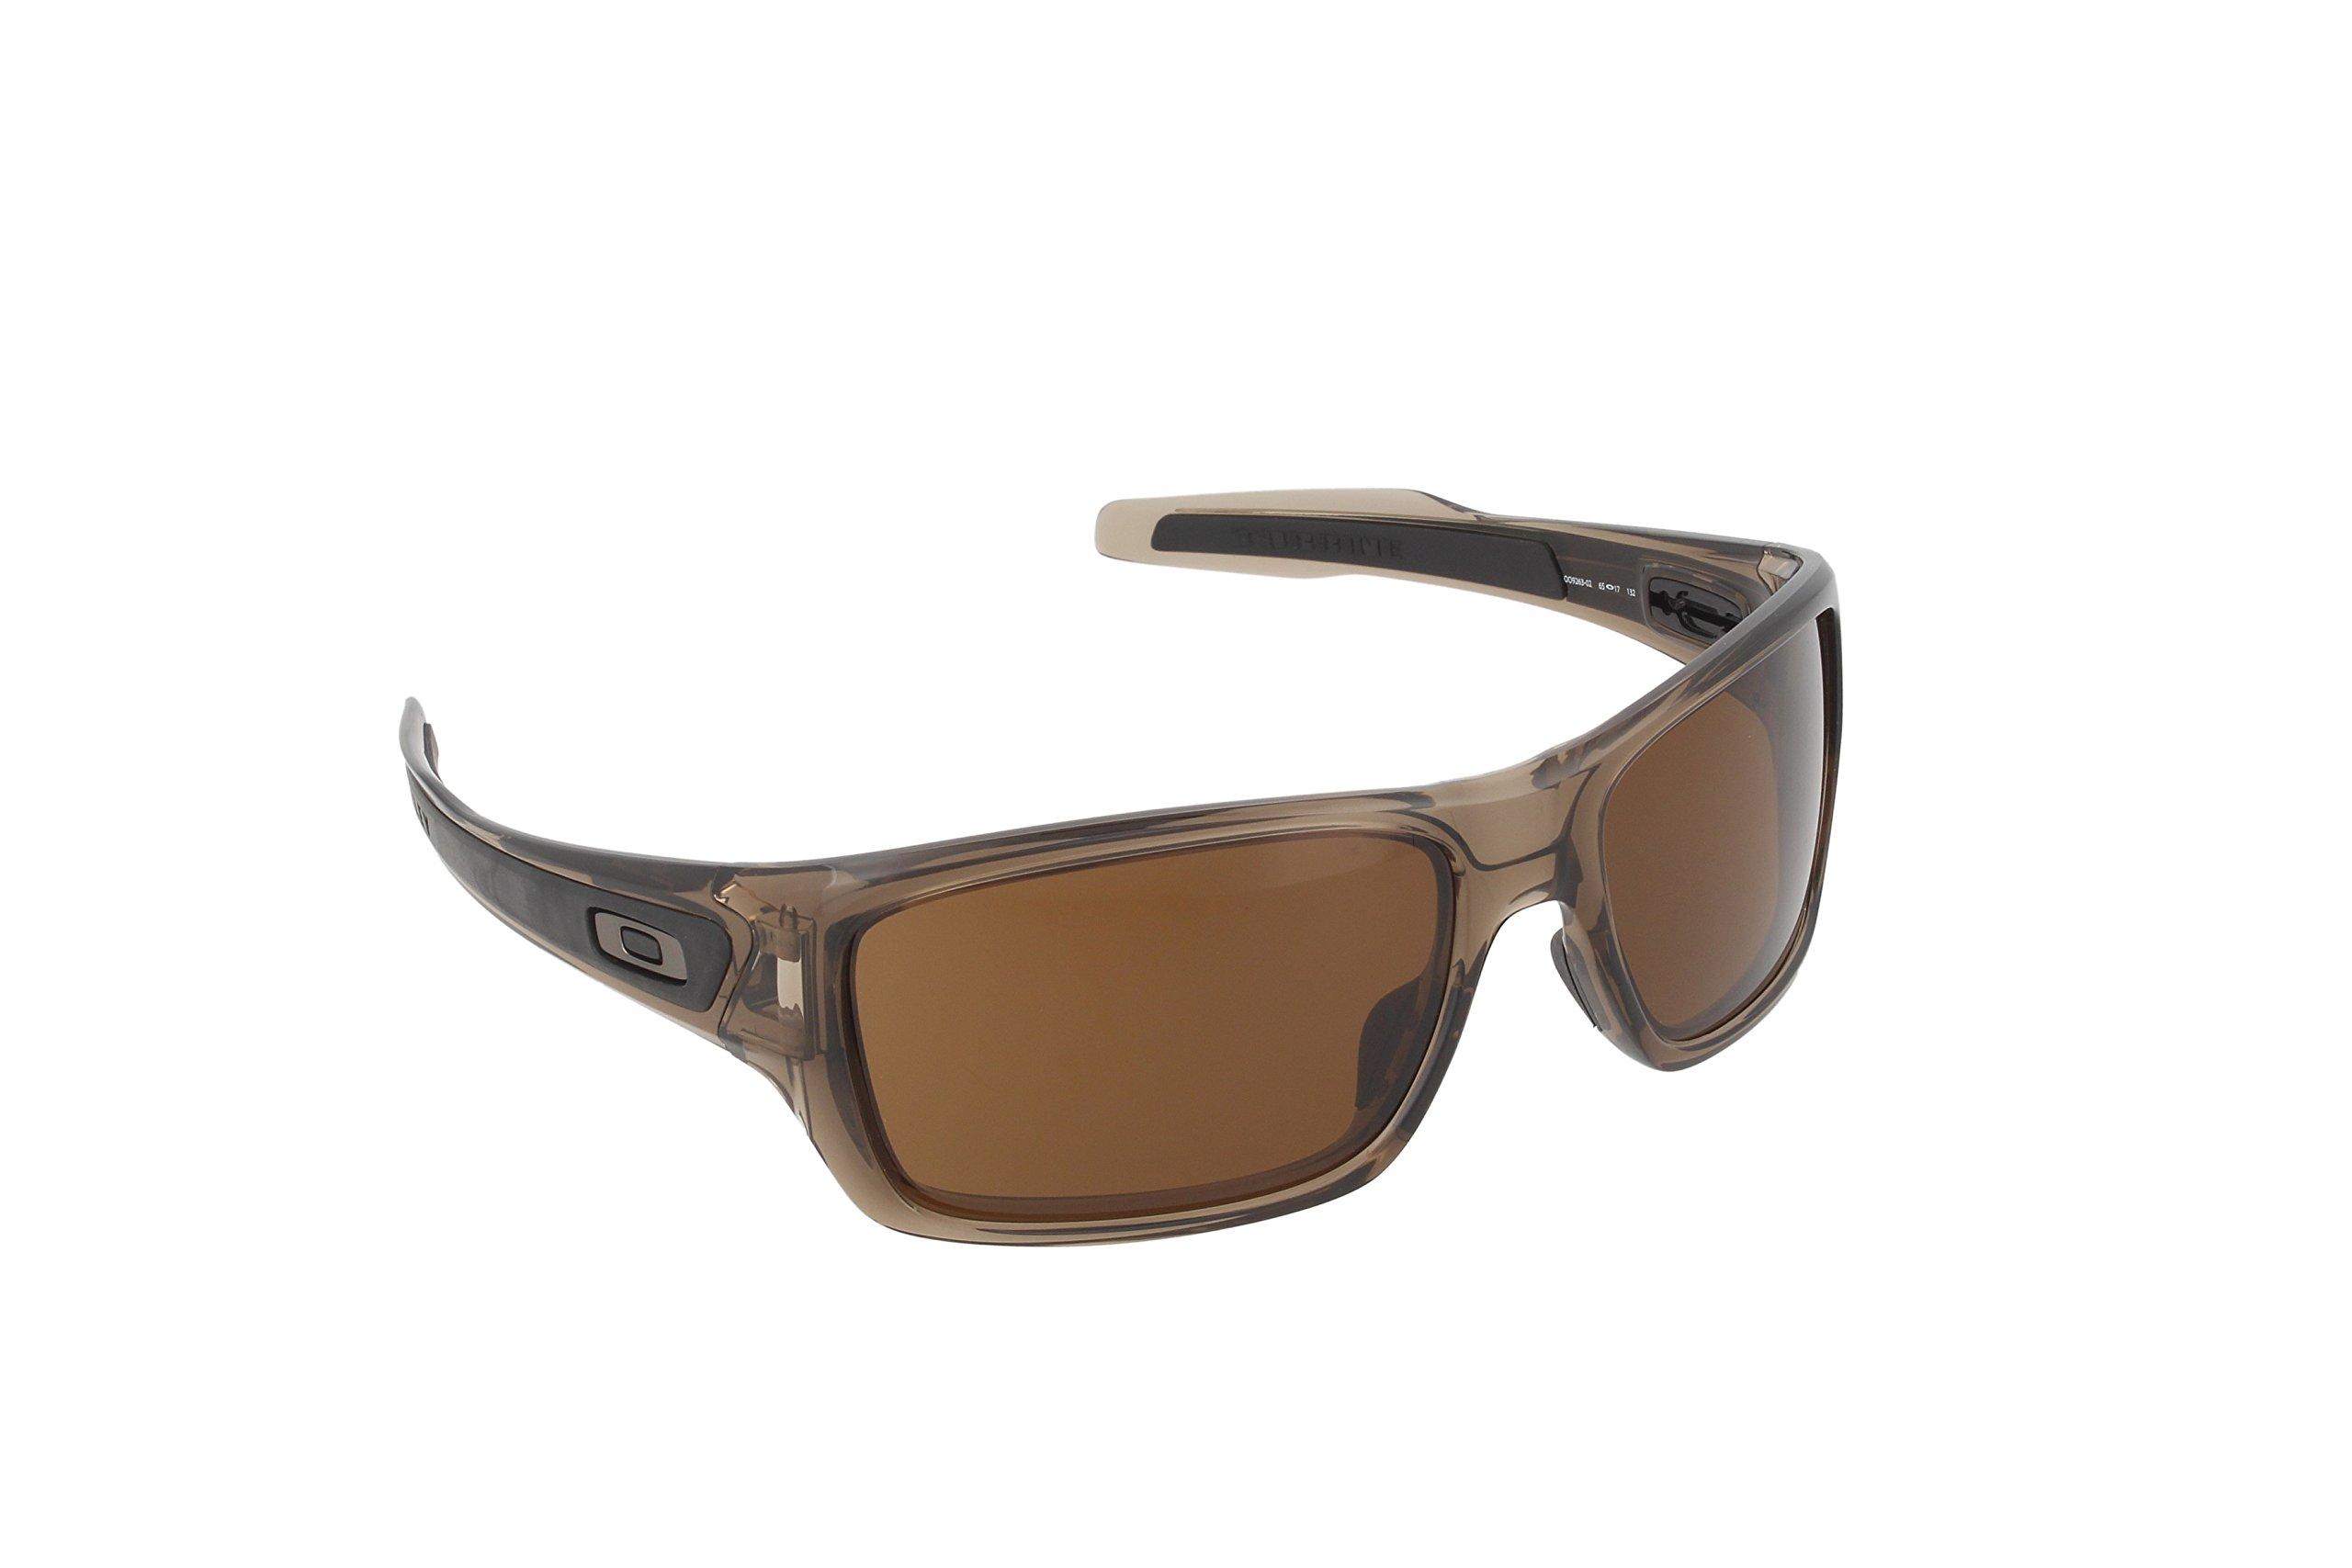 e5374d0f81 Get Quotations · Oakley Men s Turbine OO9263 Rectangular Sunglasses